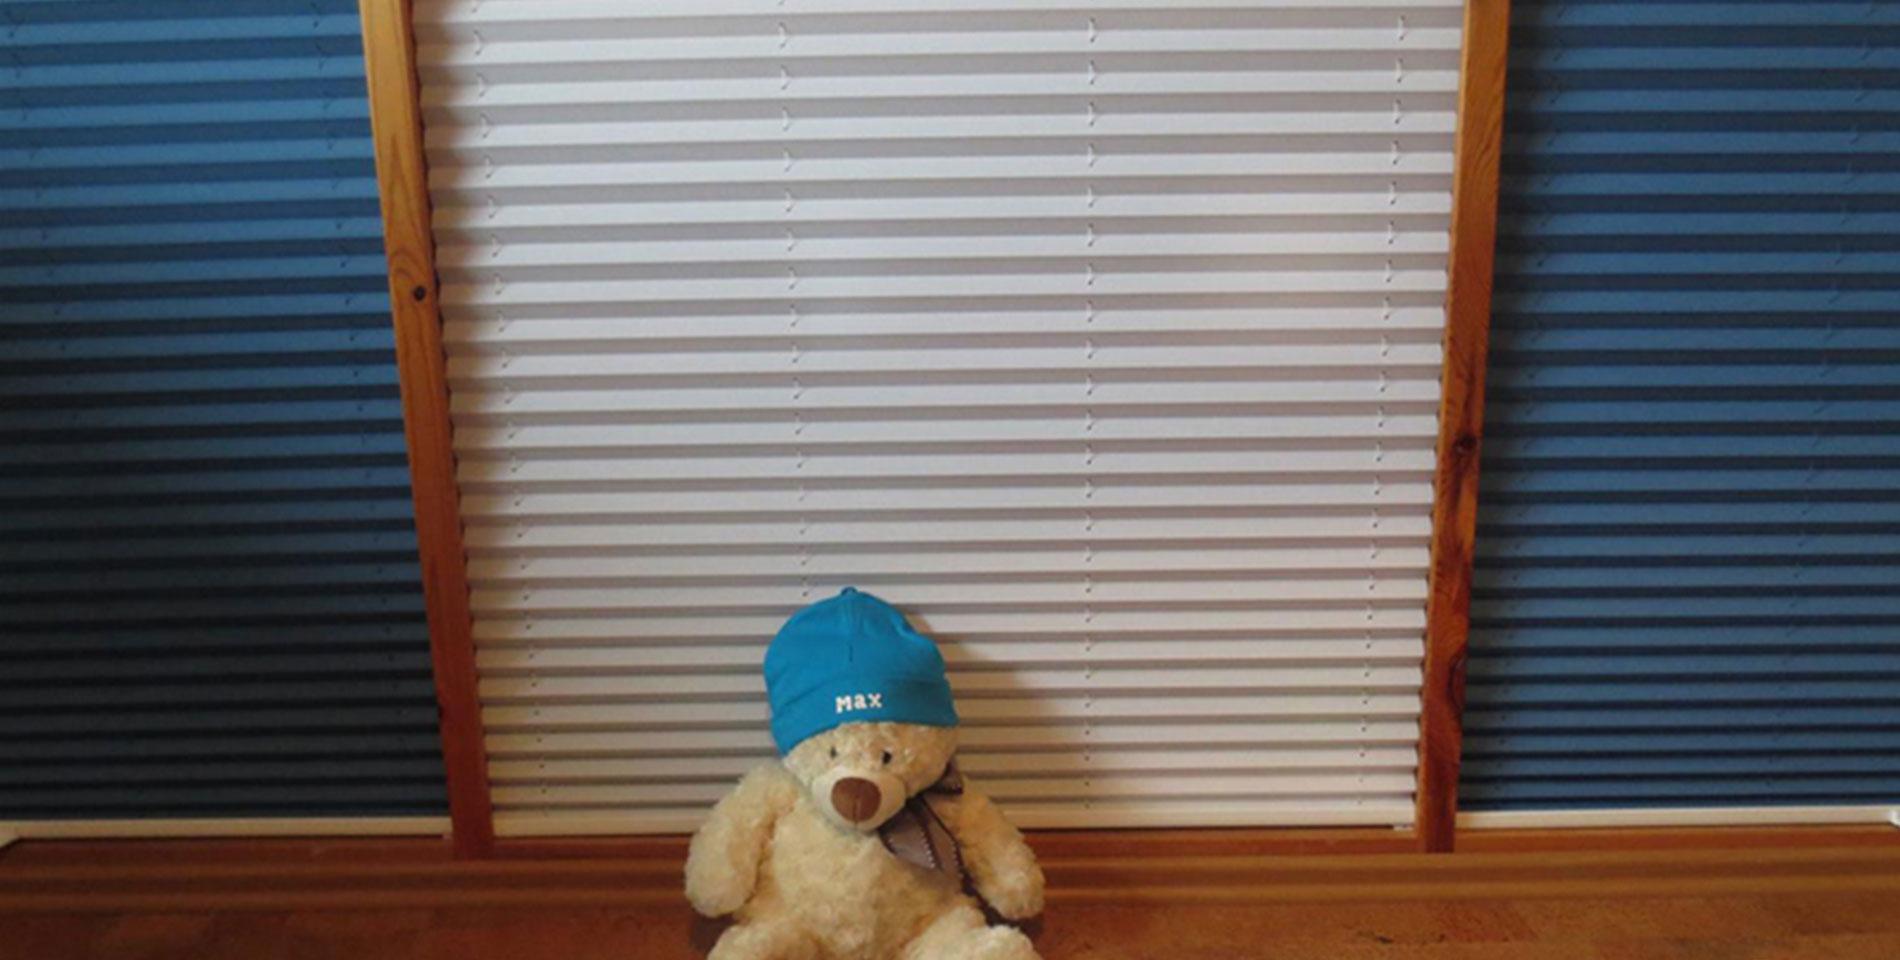 Full Size of Lrmschutz Mit Plissee In Zweilagiger Wabenstruktur Regal Kinderzimmer Weiß Sofa Fenster Regale Kinderzimmer Plissee Kinderzimmer